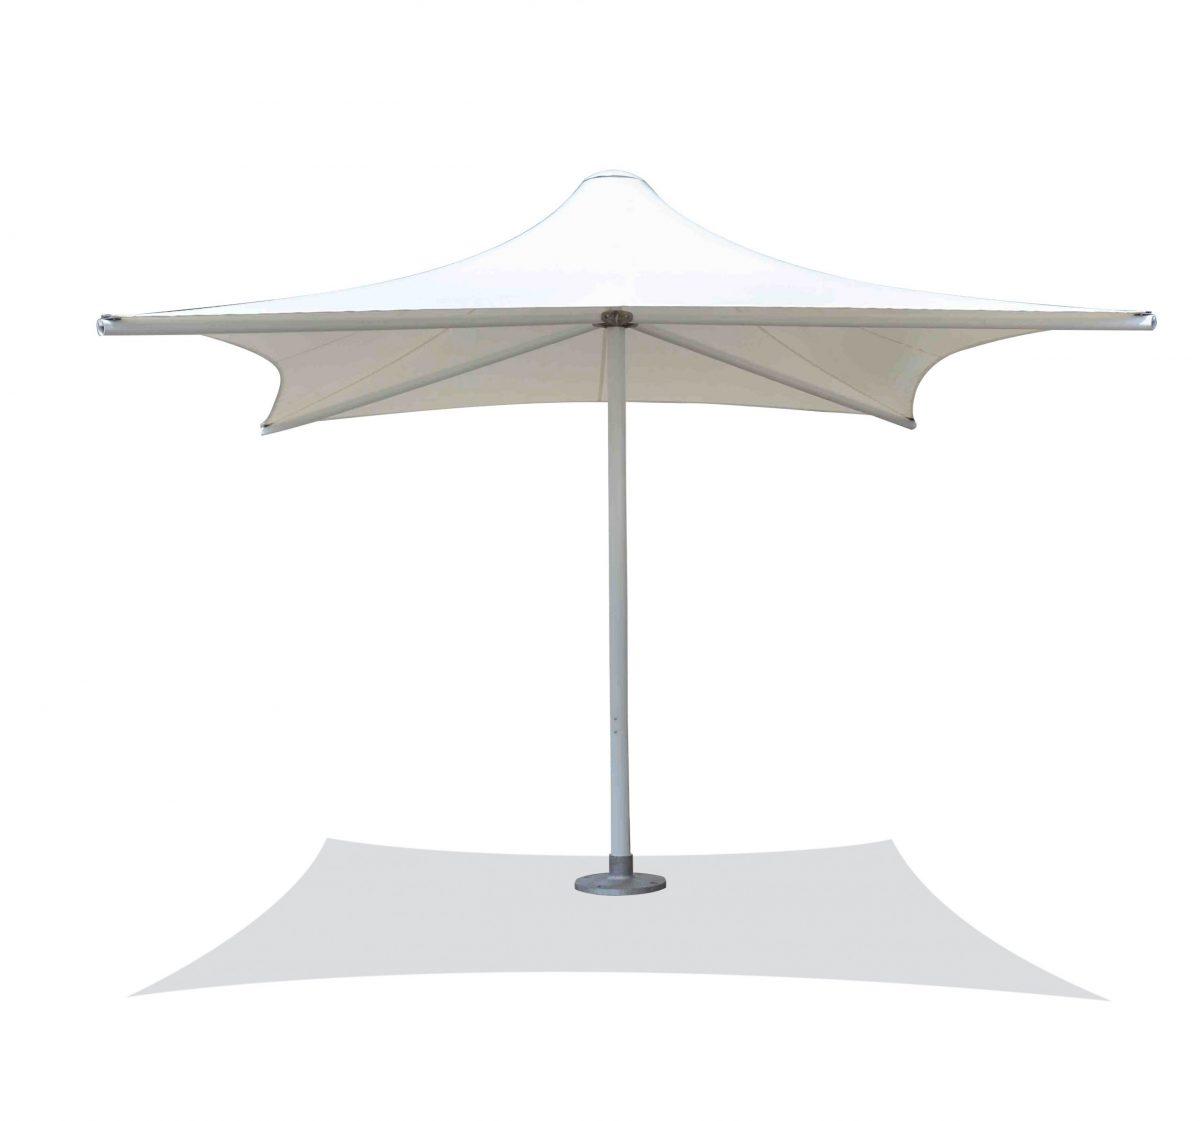 cafe umbrella photo 1 scaled 1200x1121 1